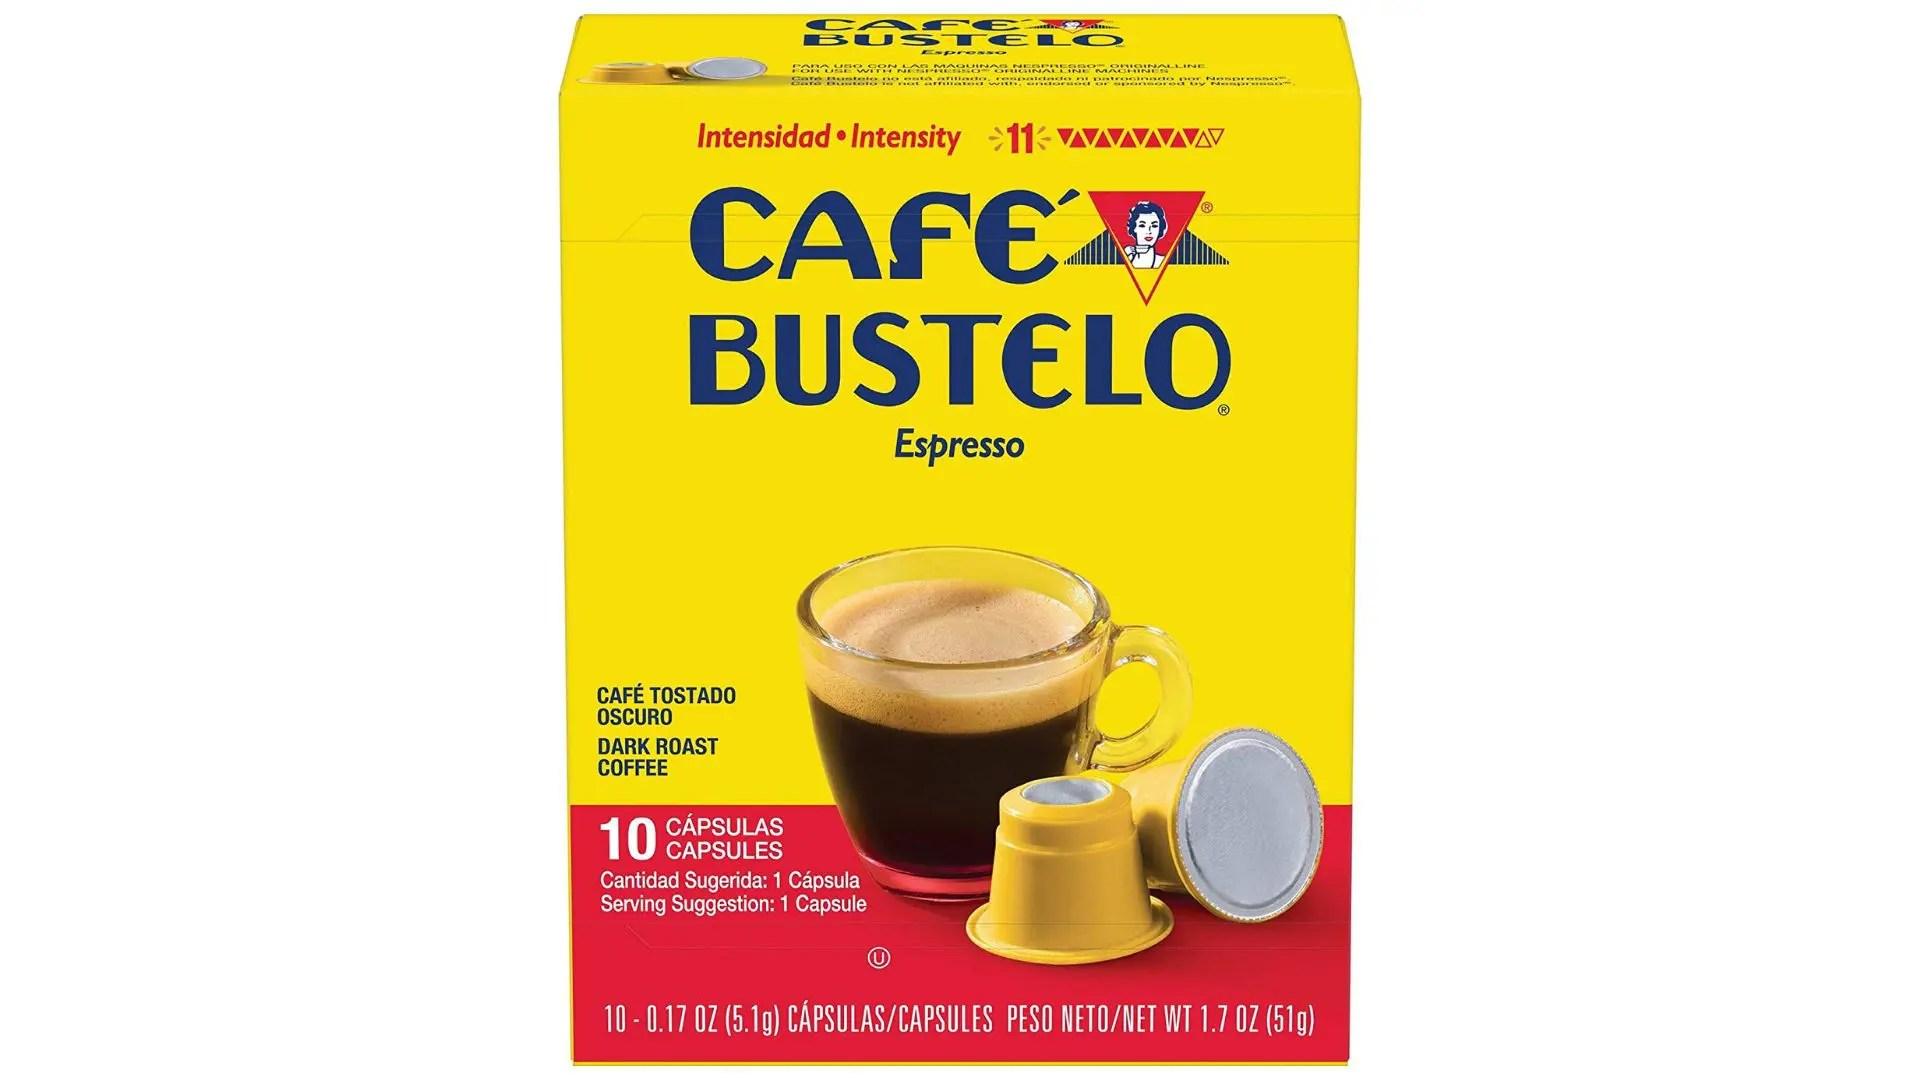 cafe bustelo espresso capsules